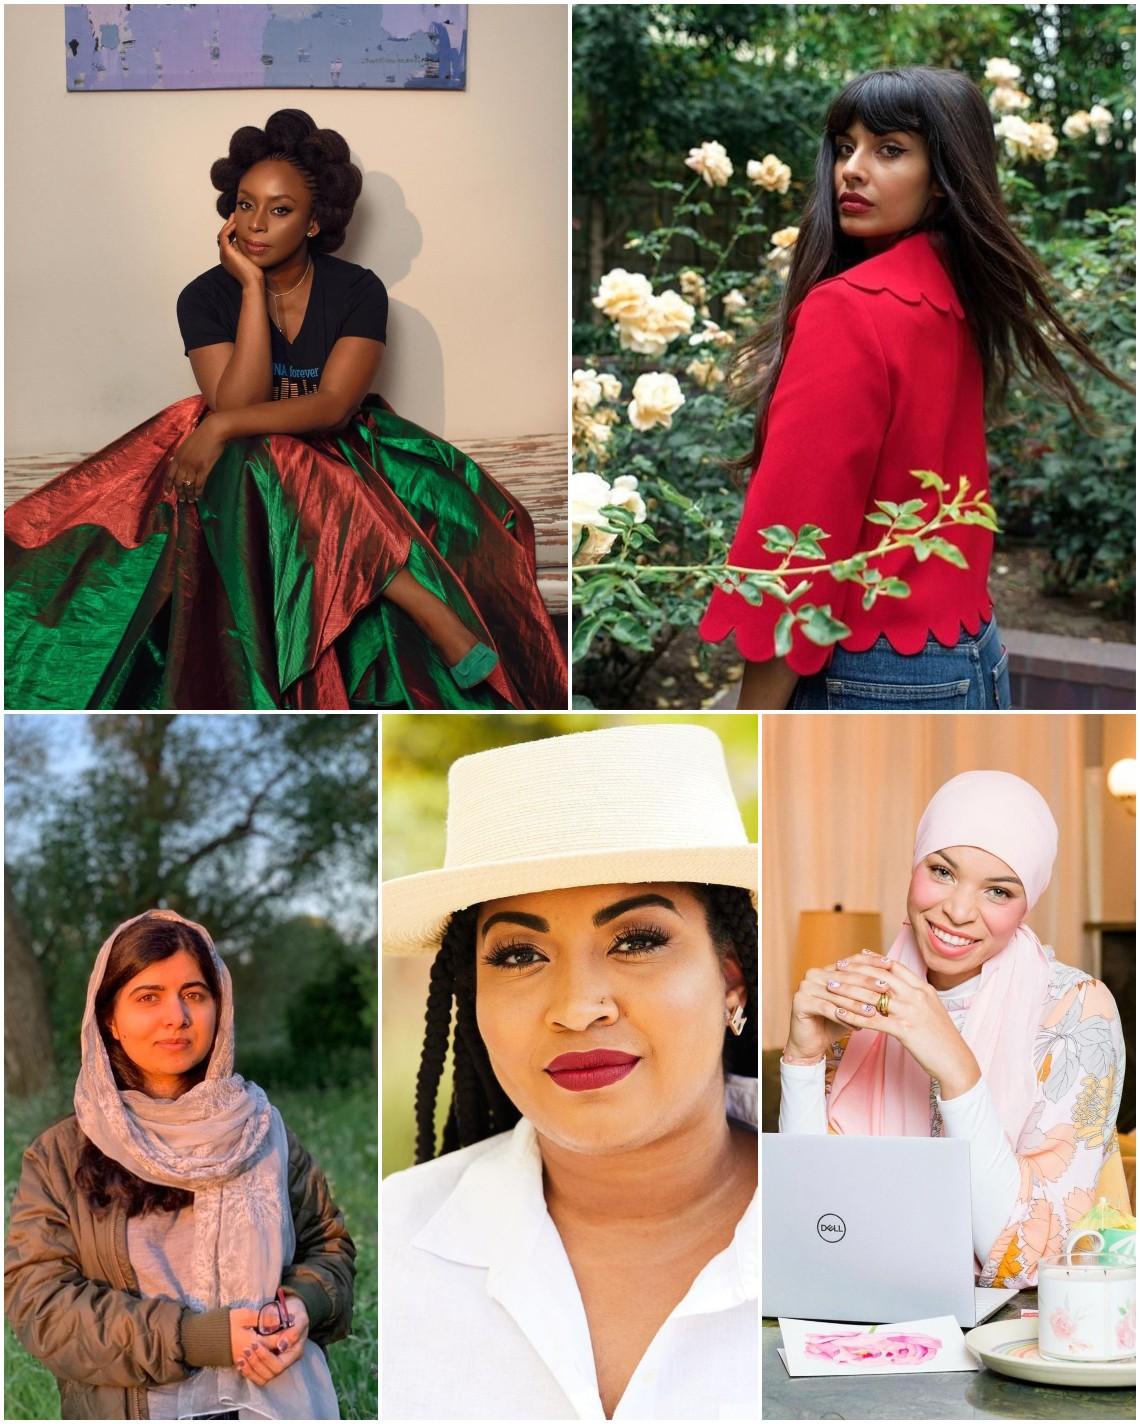 5 ακτιβίστριες που προωθούν τη γυναικεία ενδυνάμωση μέσω των social media